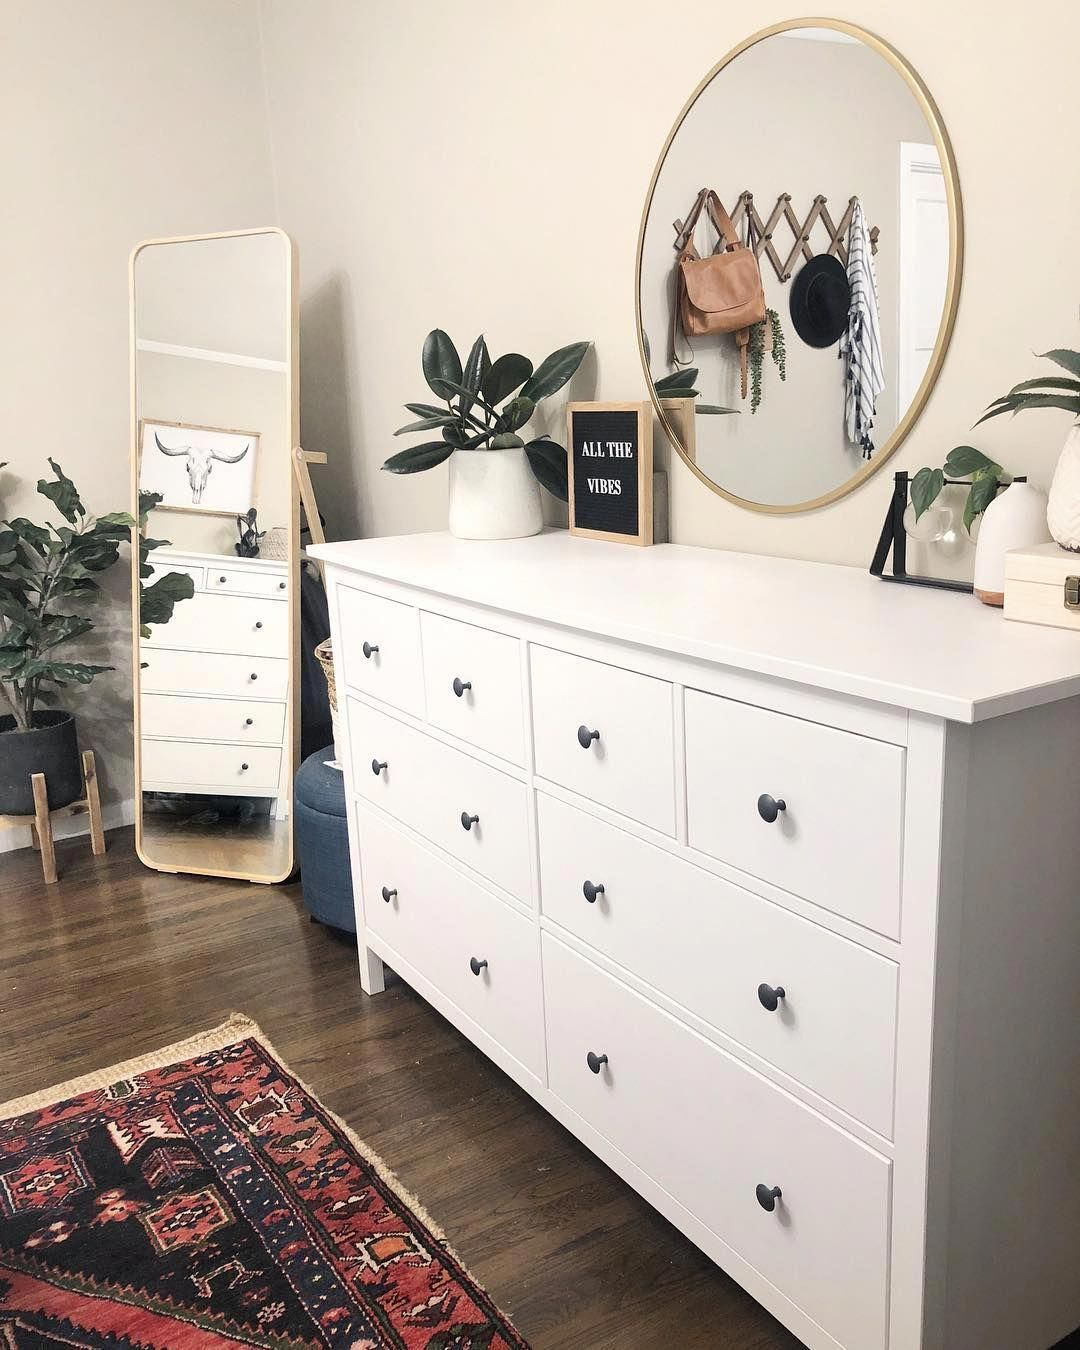 Scandinavian Bedroomdesign Inspiration: Bedroom Decor # Bedroomdesign